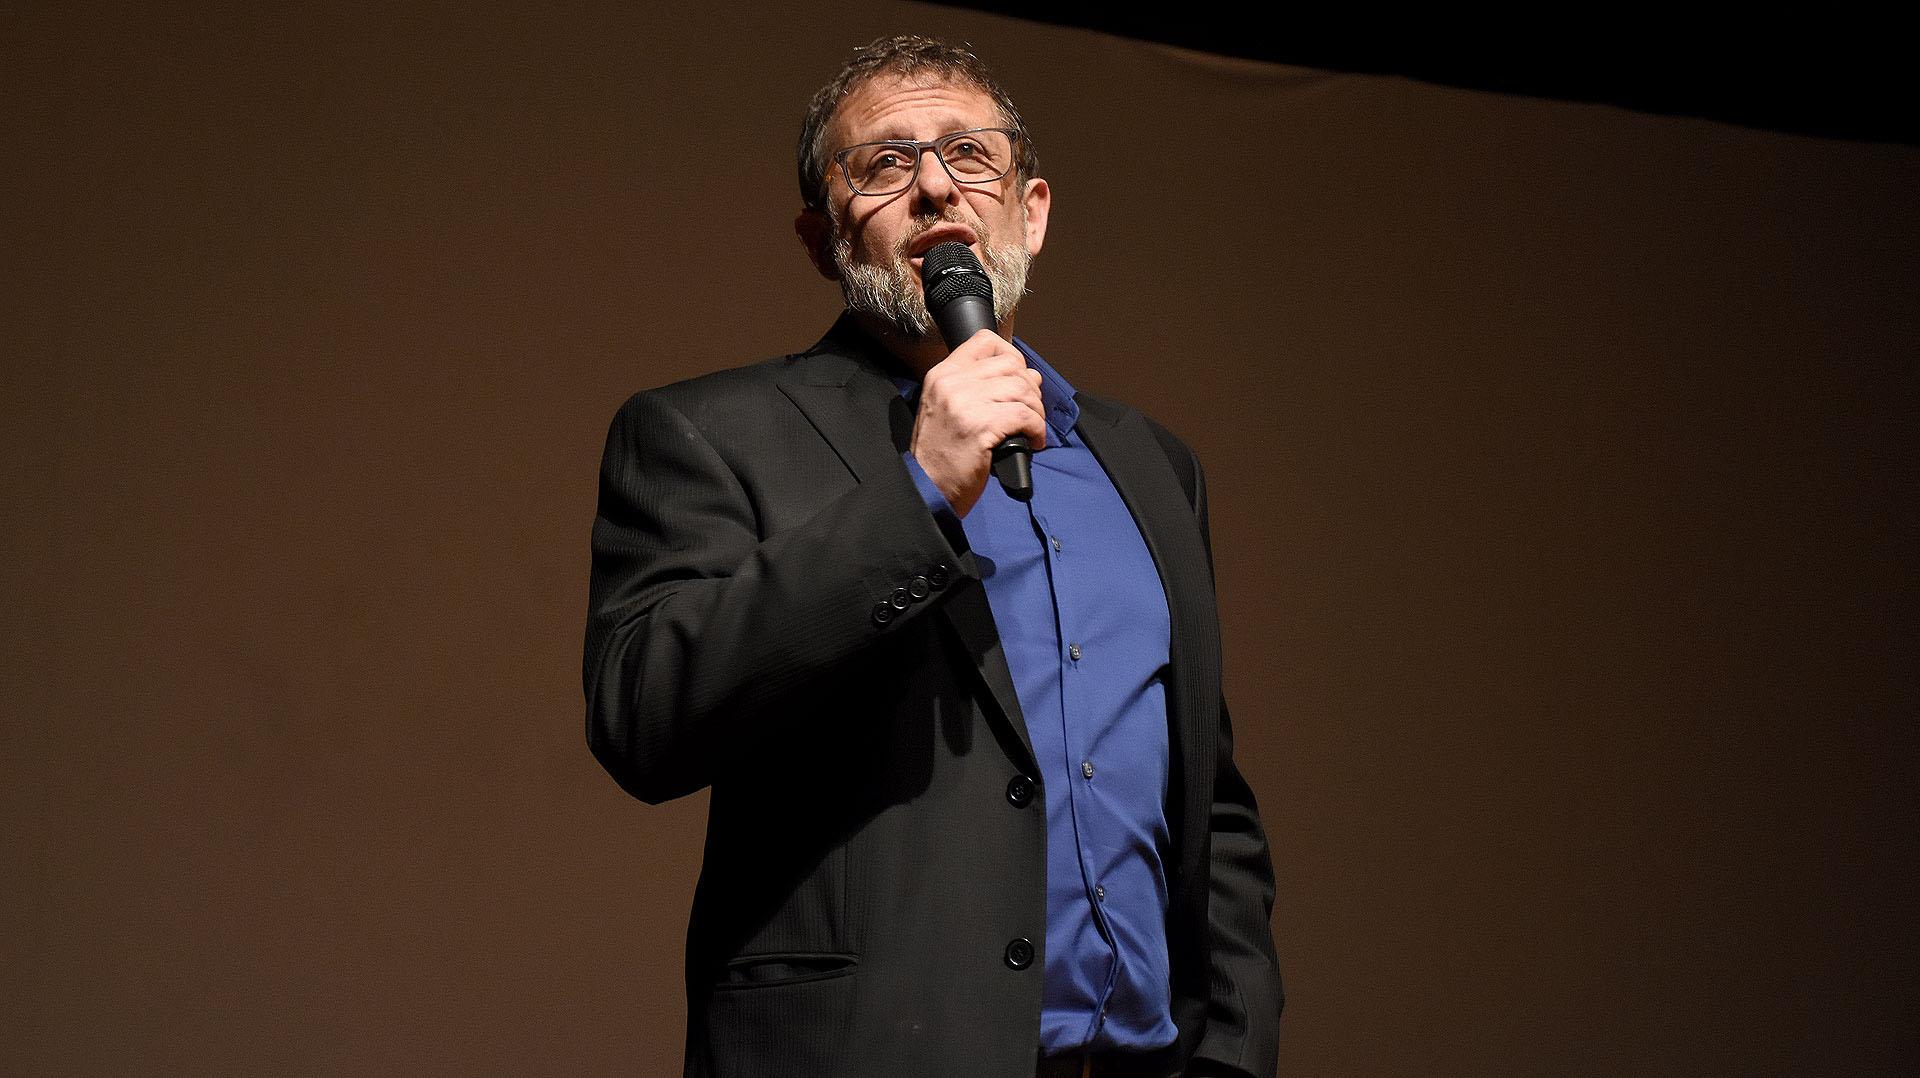 Marcos Gorbán (idea original y dirección de #Marcha) durante la presentación en el CCK de la serie documental de tres capítulos, que podrán verse en la pantalla de la TV Pública el 8, 15 y 22 de septiembre